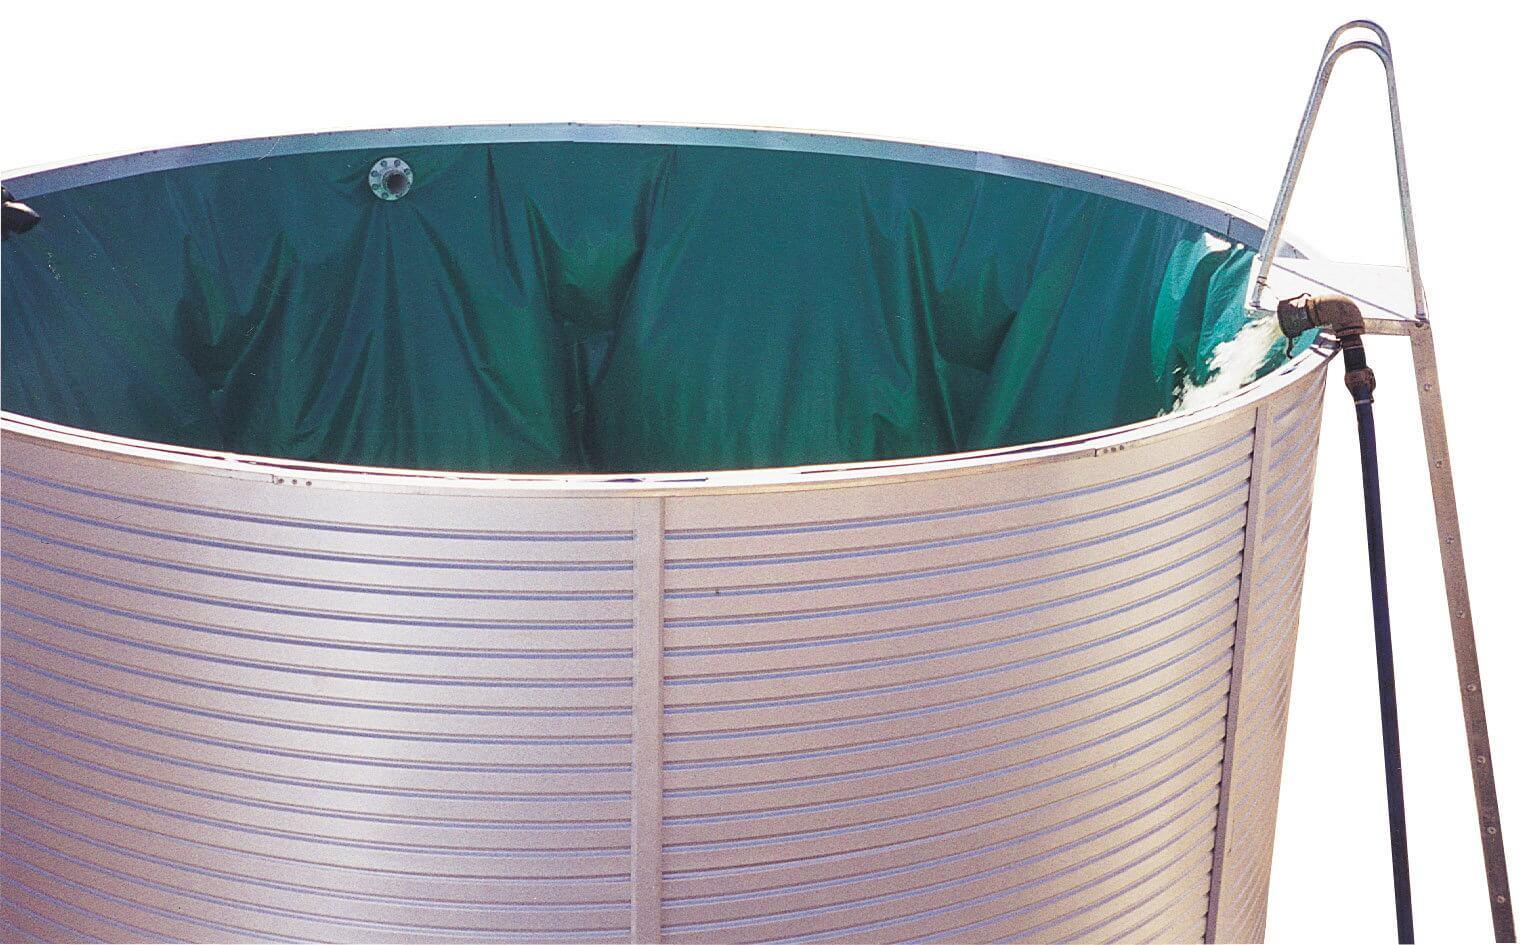 Water Tank Liners and Repairs – Divine Water Tanks